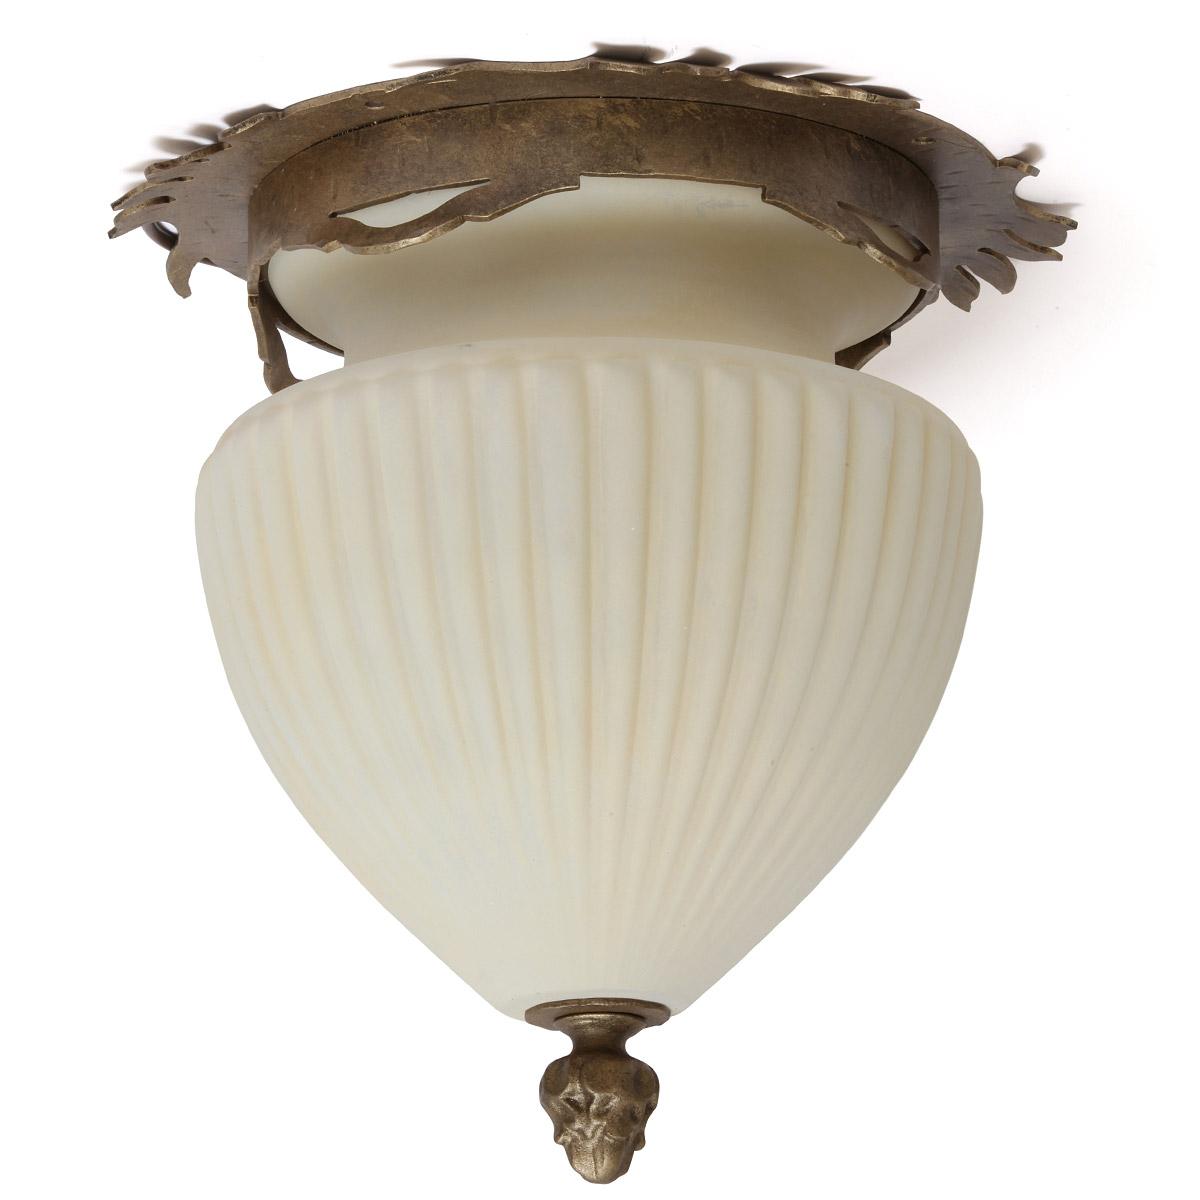 Jugendstil Deckenlampe de 2332 jugendstil-deckenleuchte aus schmiedeeisen Ø 35 cm - casa lumi